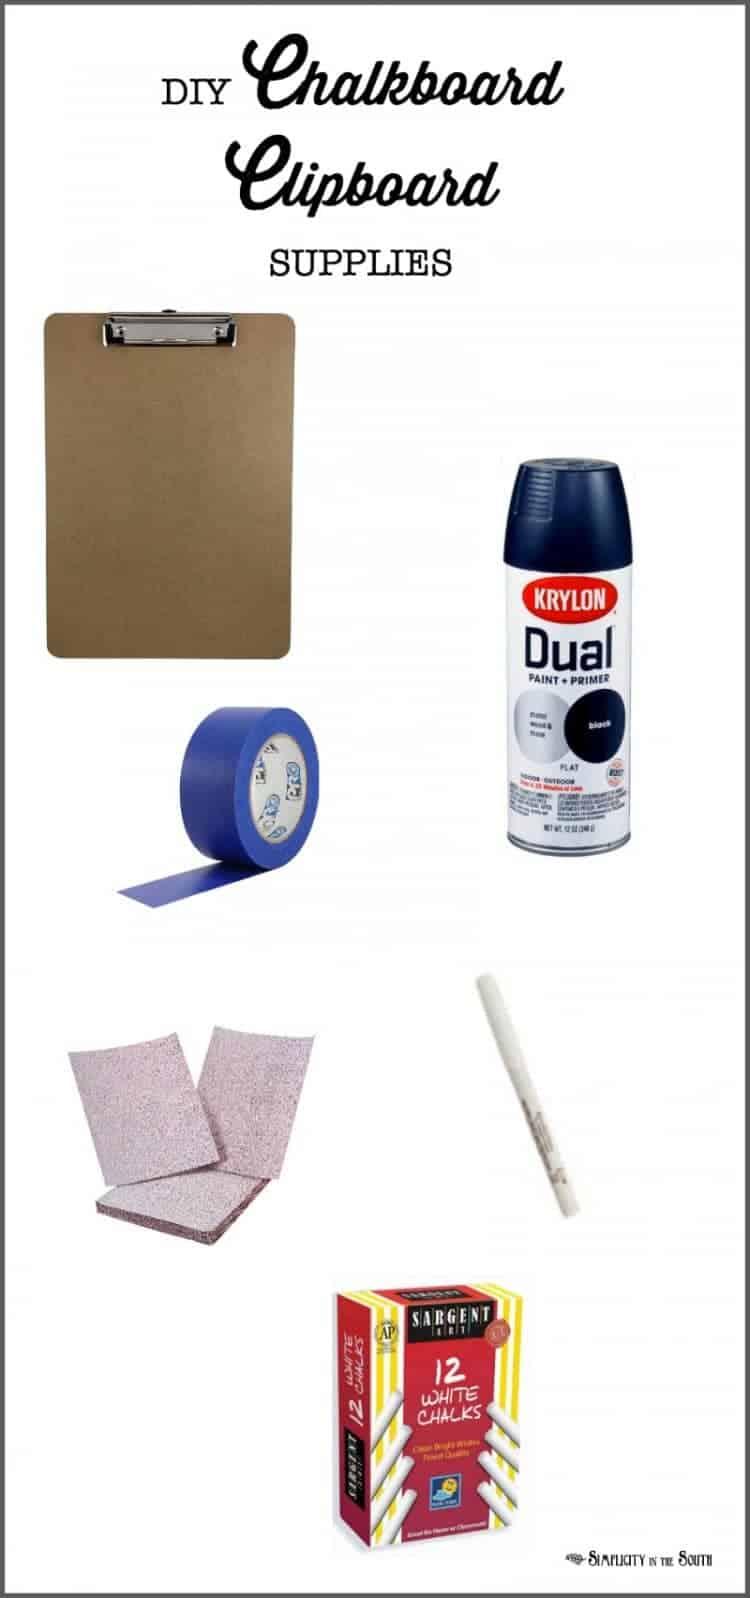 chalkboard clipboard supplies